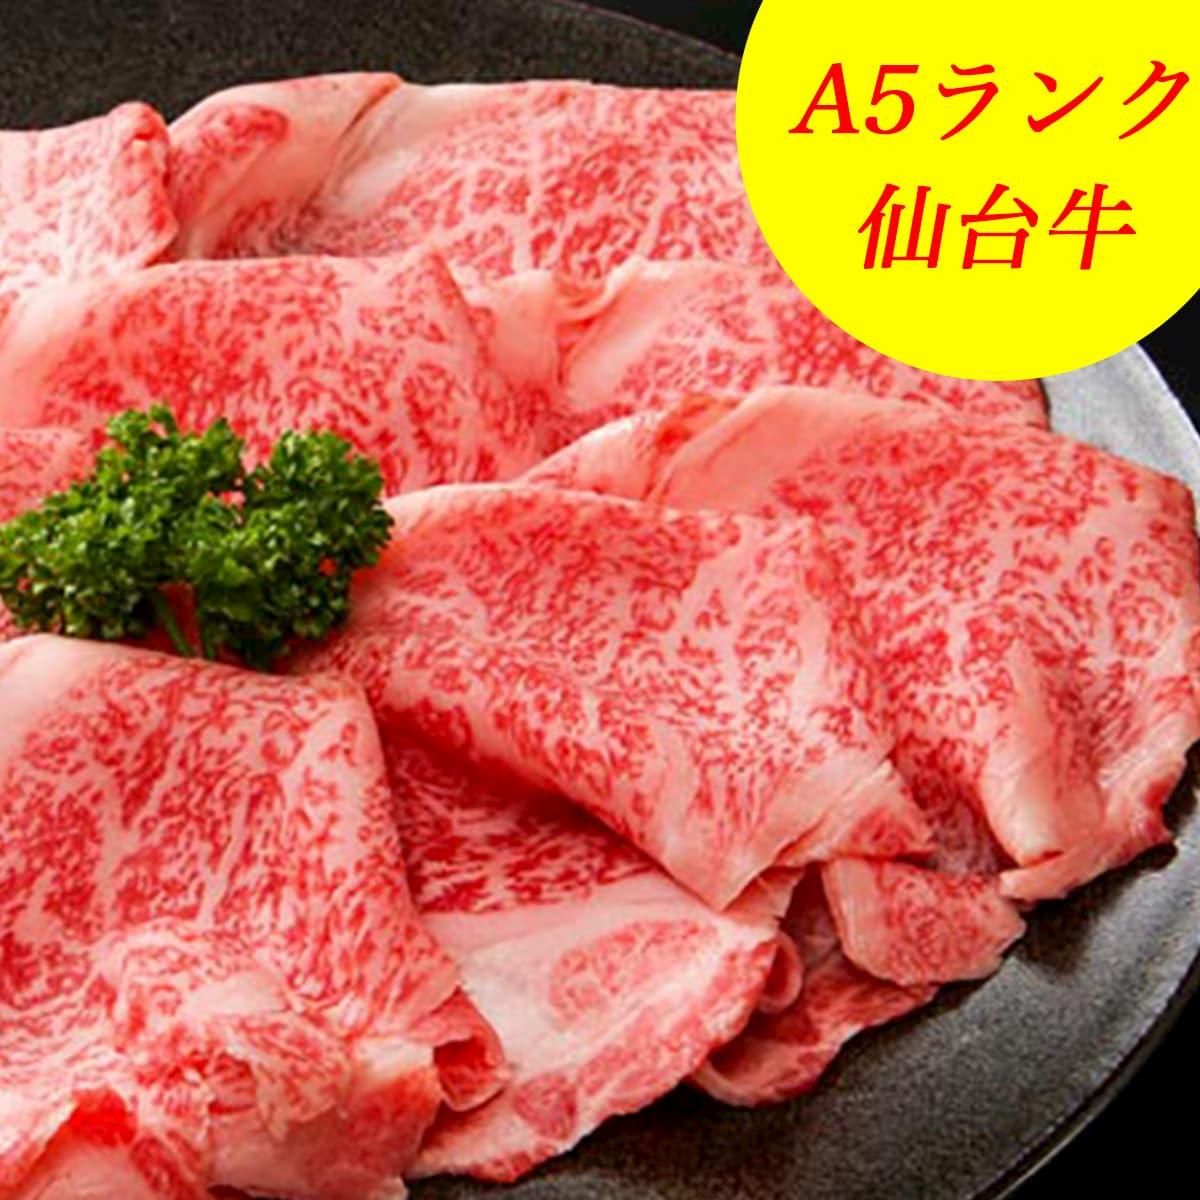 【ふるさと納税】A5ランク仙台牛 サーロイン『しゃぶしゃぶ用』1kg